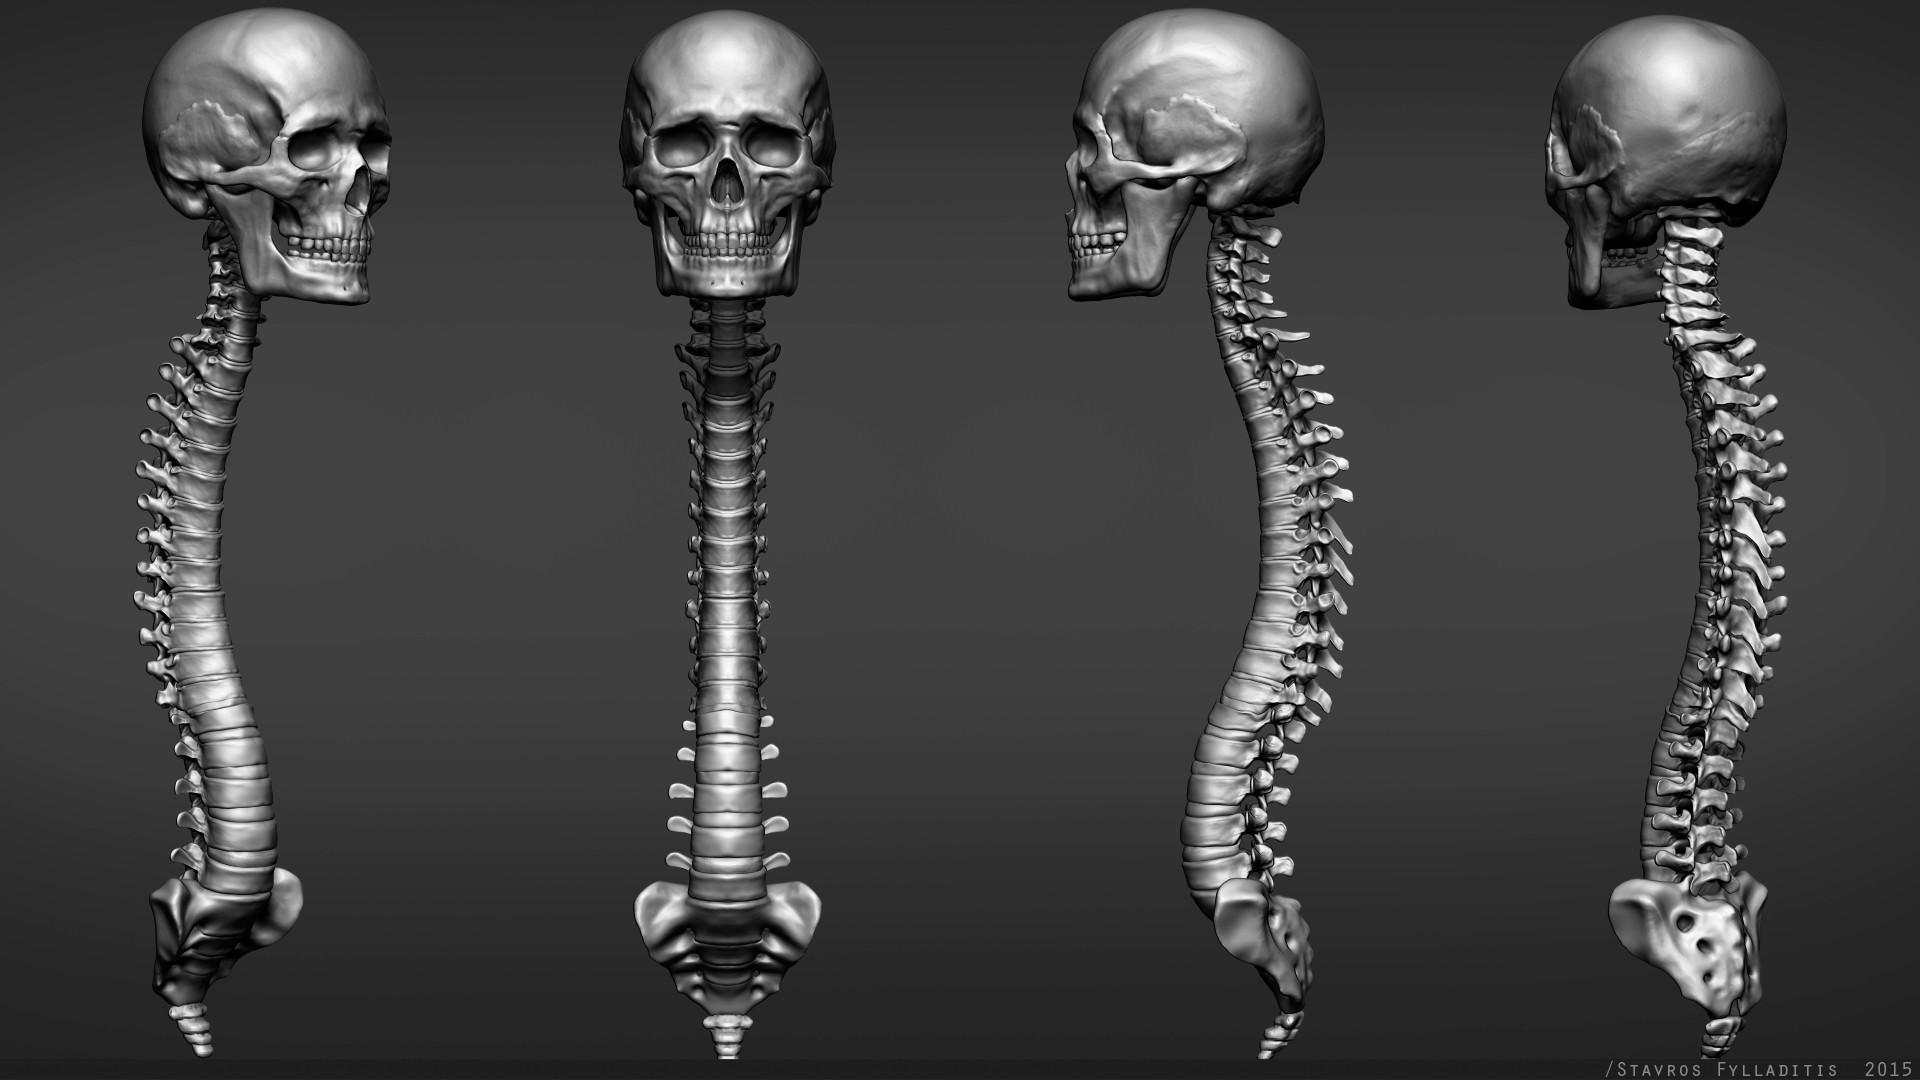 Stavros fylladitis spine v01